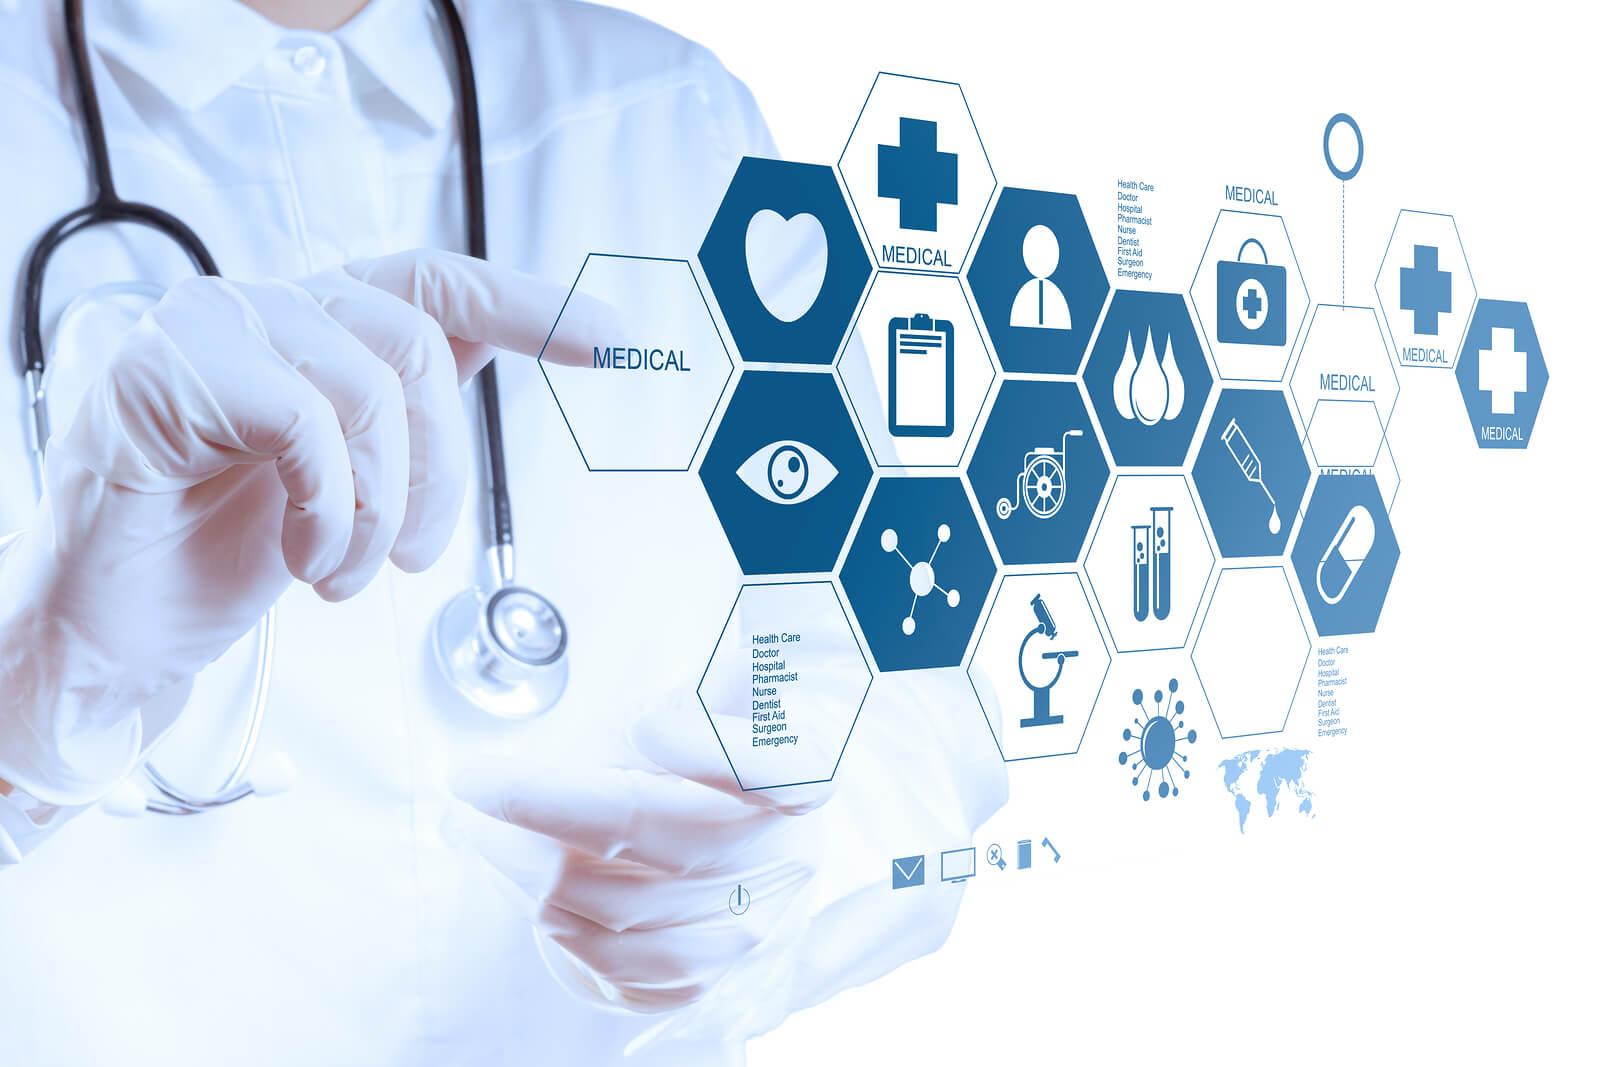 HealthSpaces Top Blog Posts of 2017